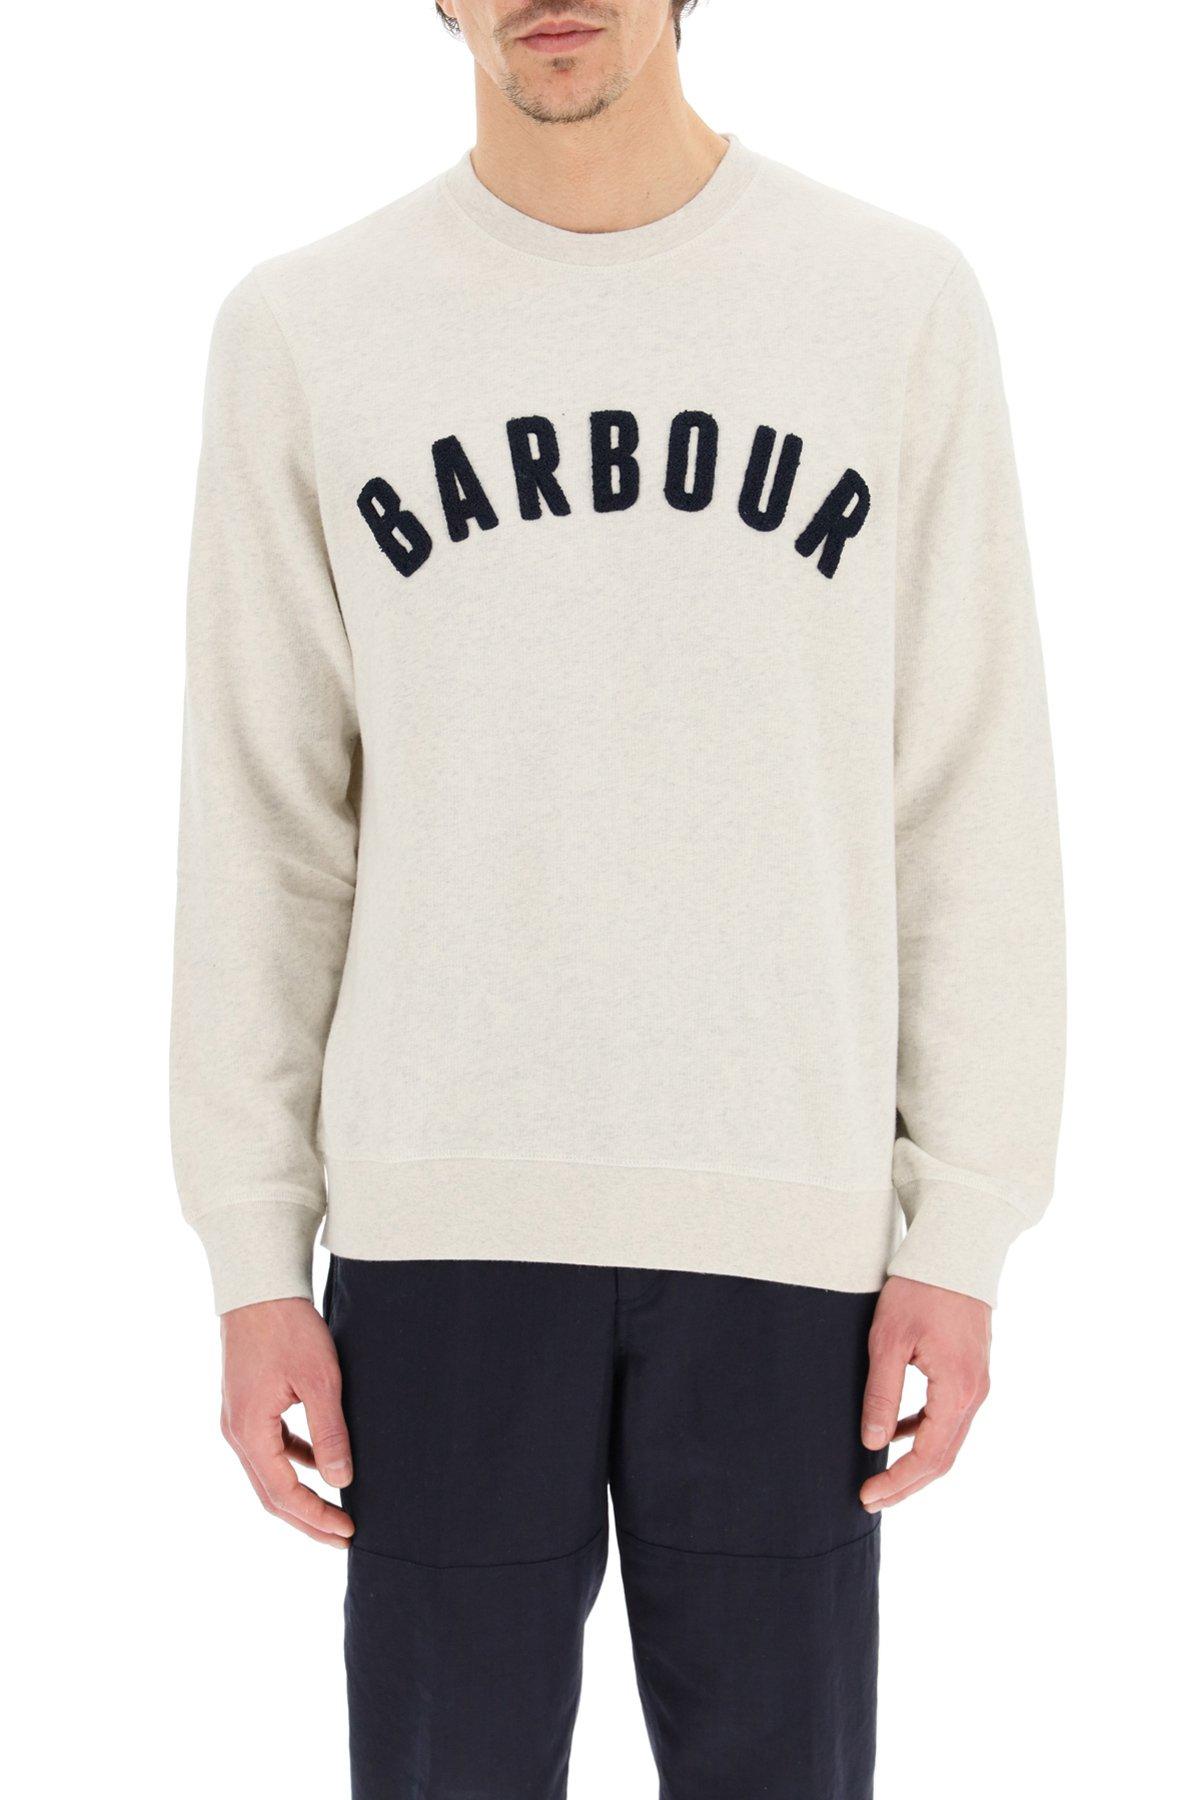 Barbour felpa logo barbour prep